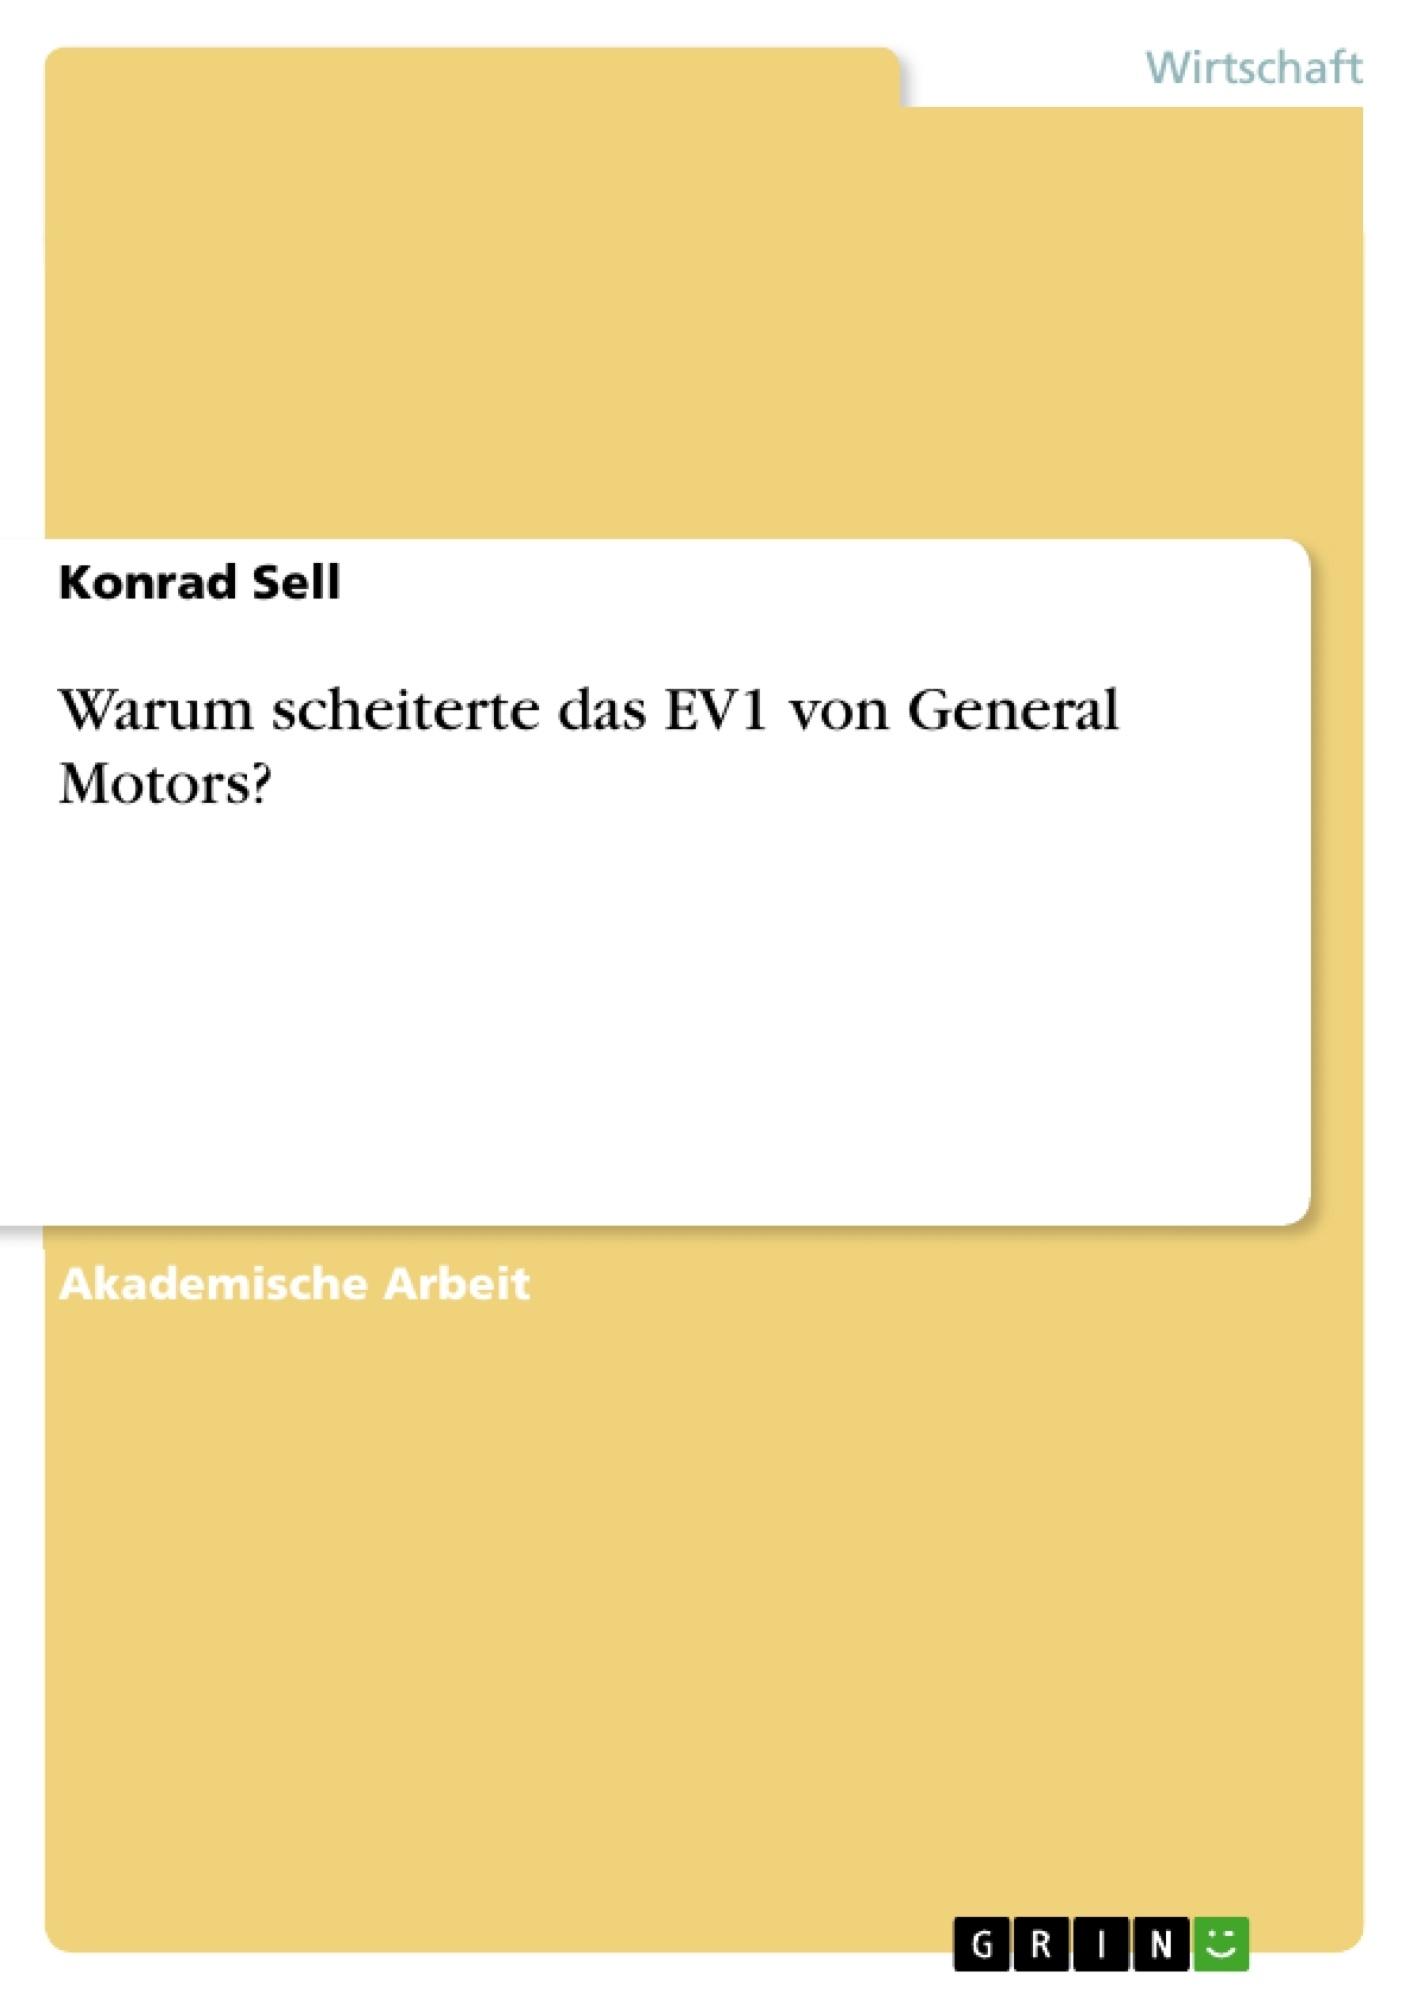 Titel: Warum scheiterte das EV1 von General Motors?